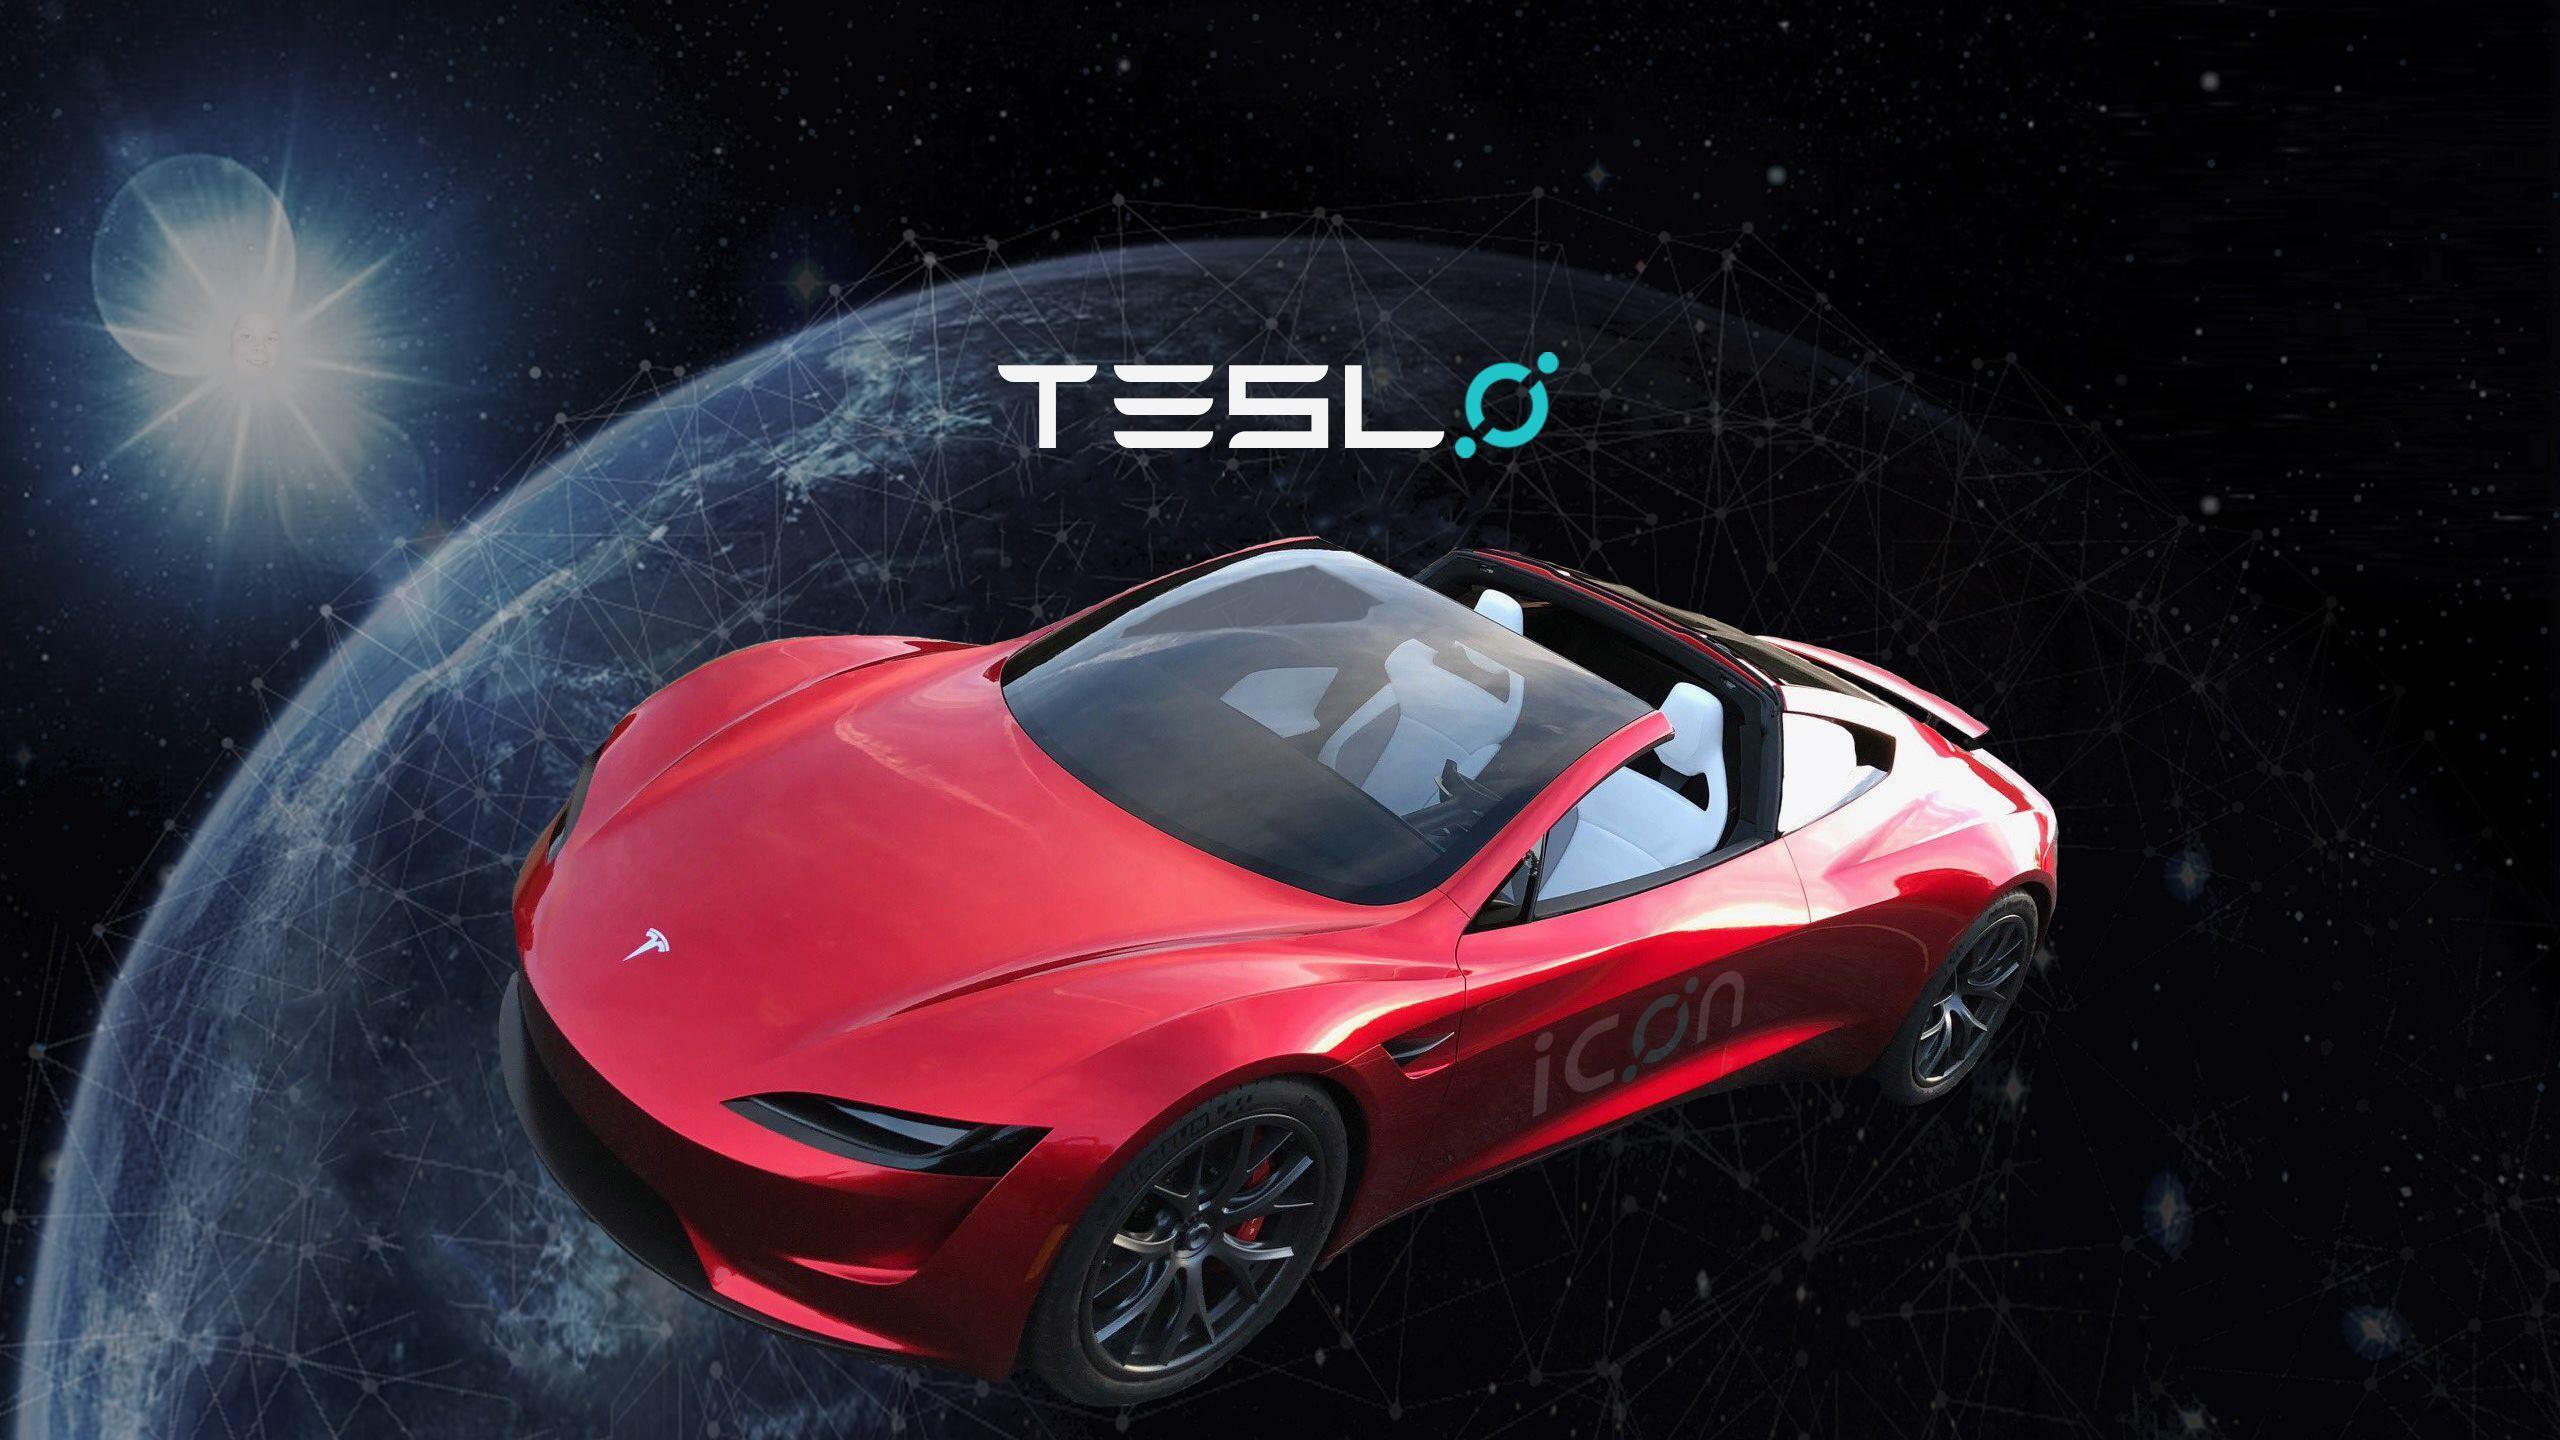 Tesla Roadster Wallpapers Wallpaper Cave